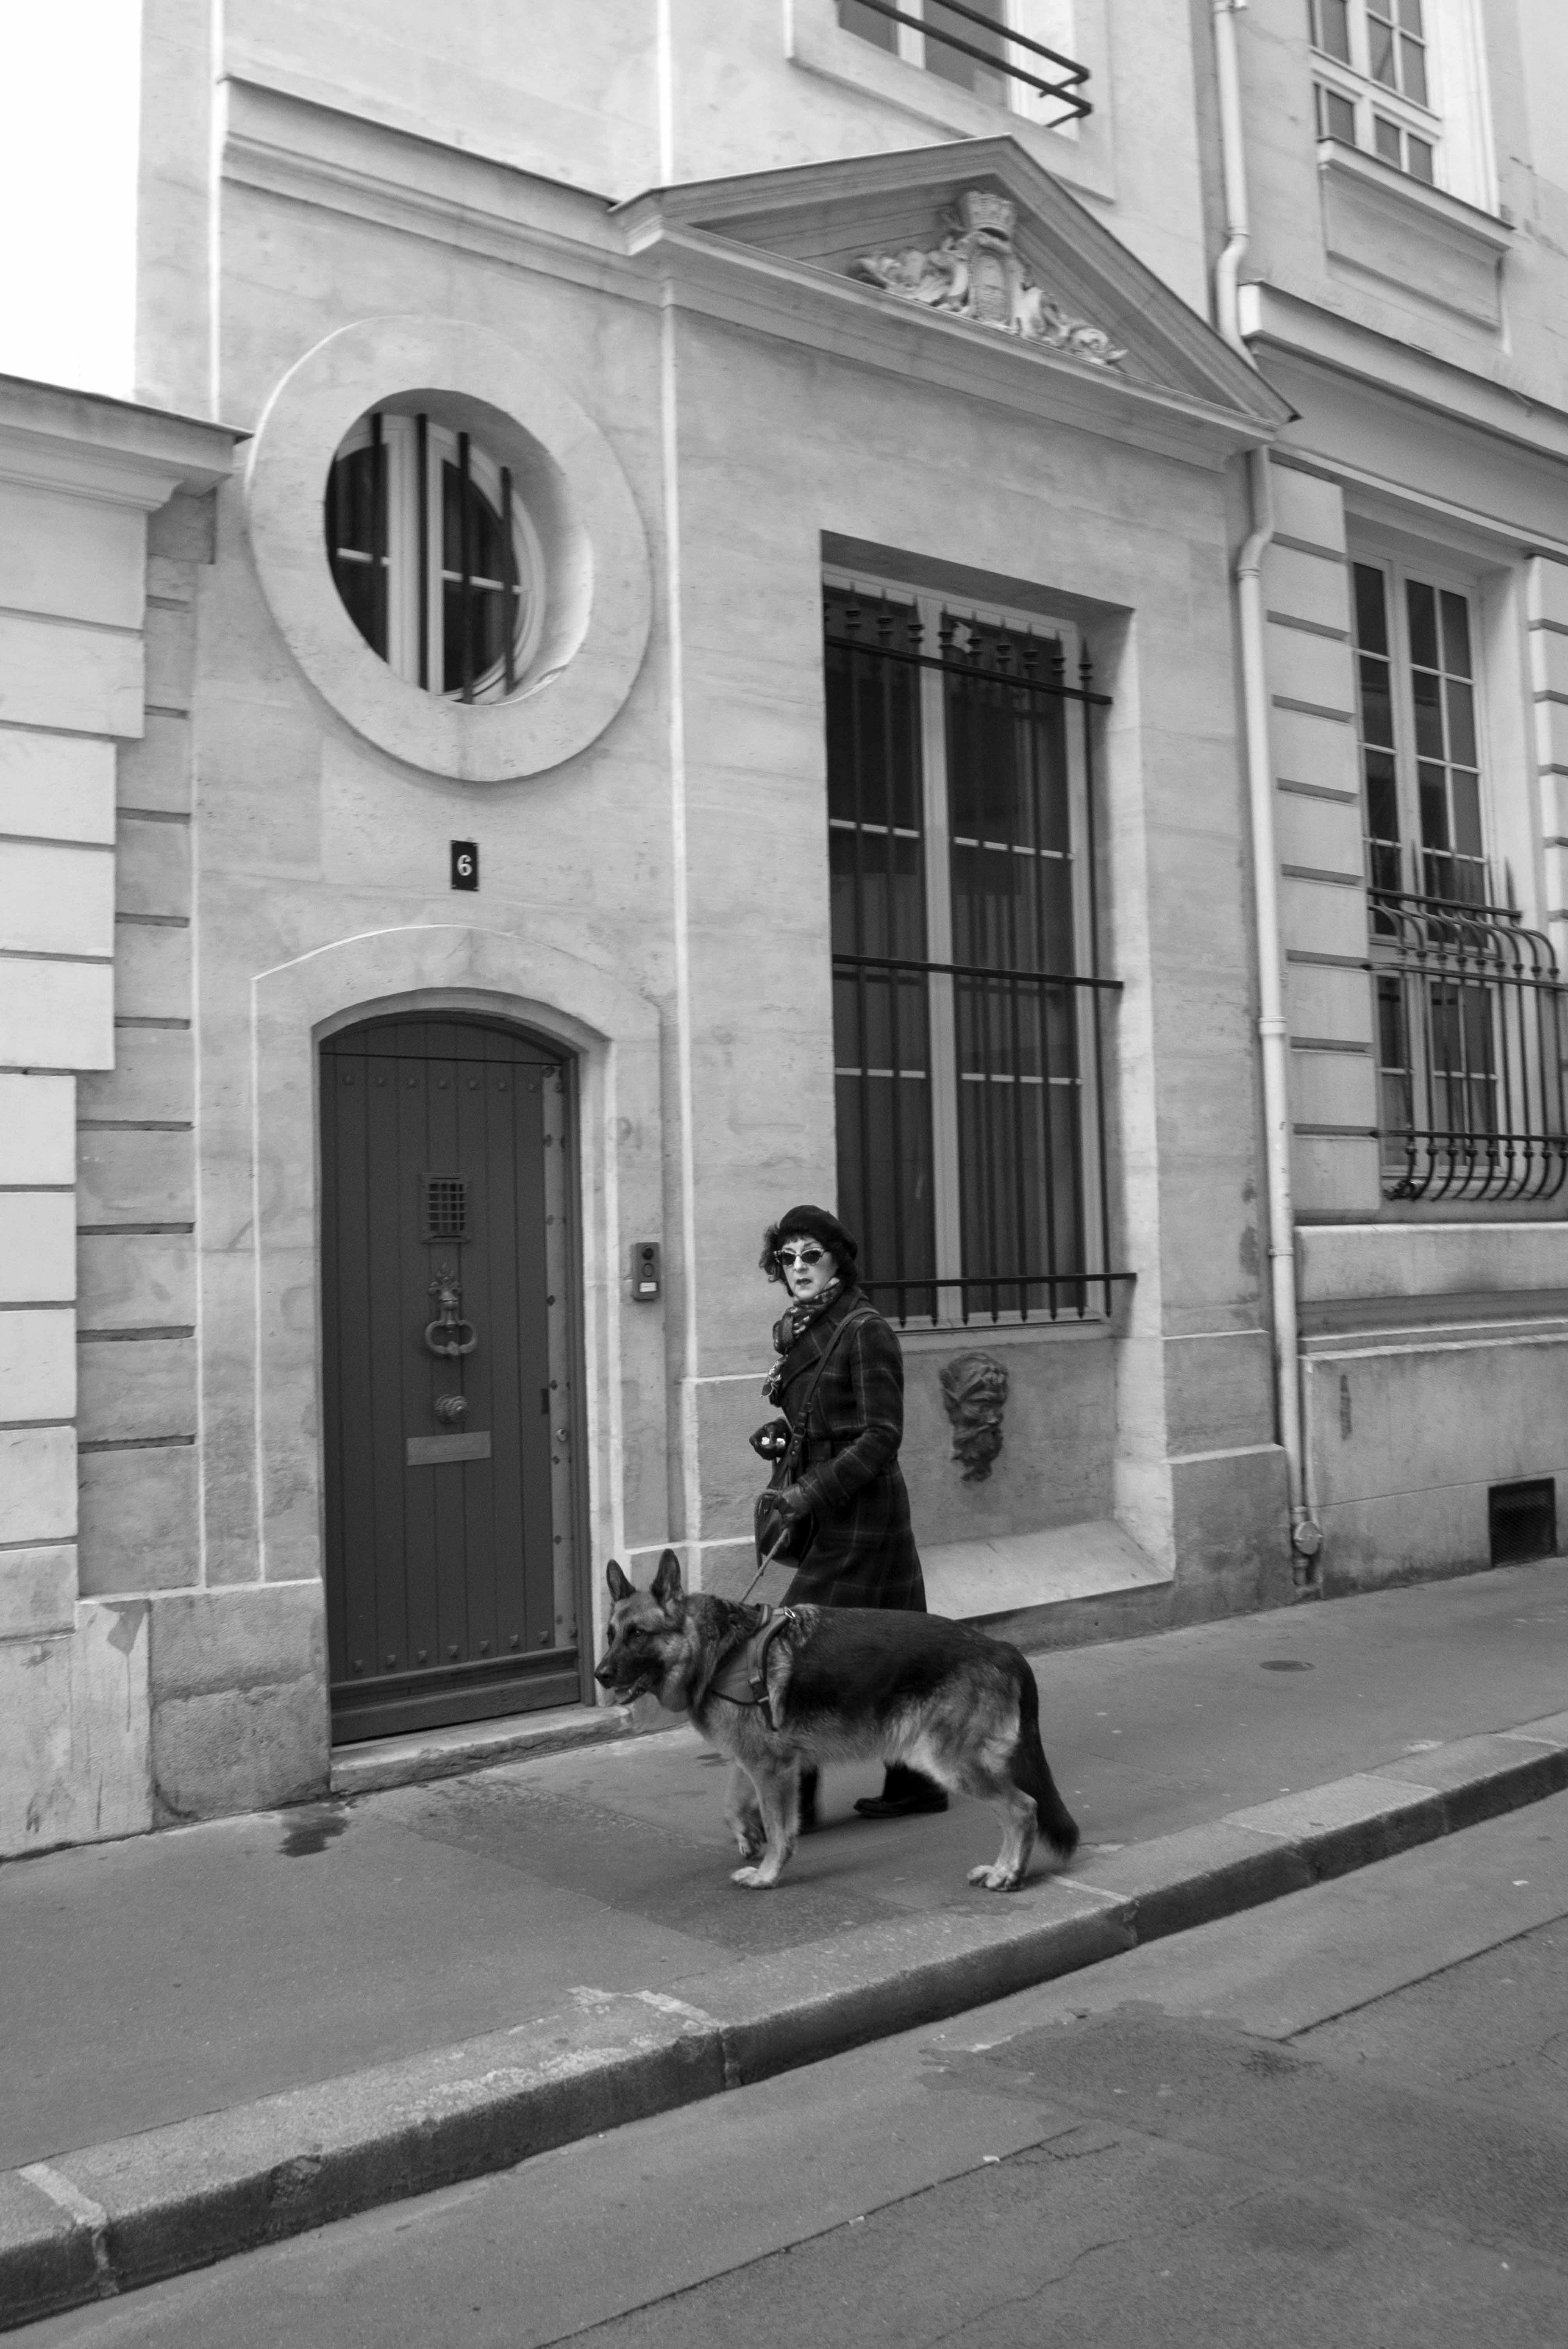 コルベール通り 2019/6 rue Colbert, 75002 Paris 2019